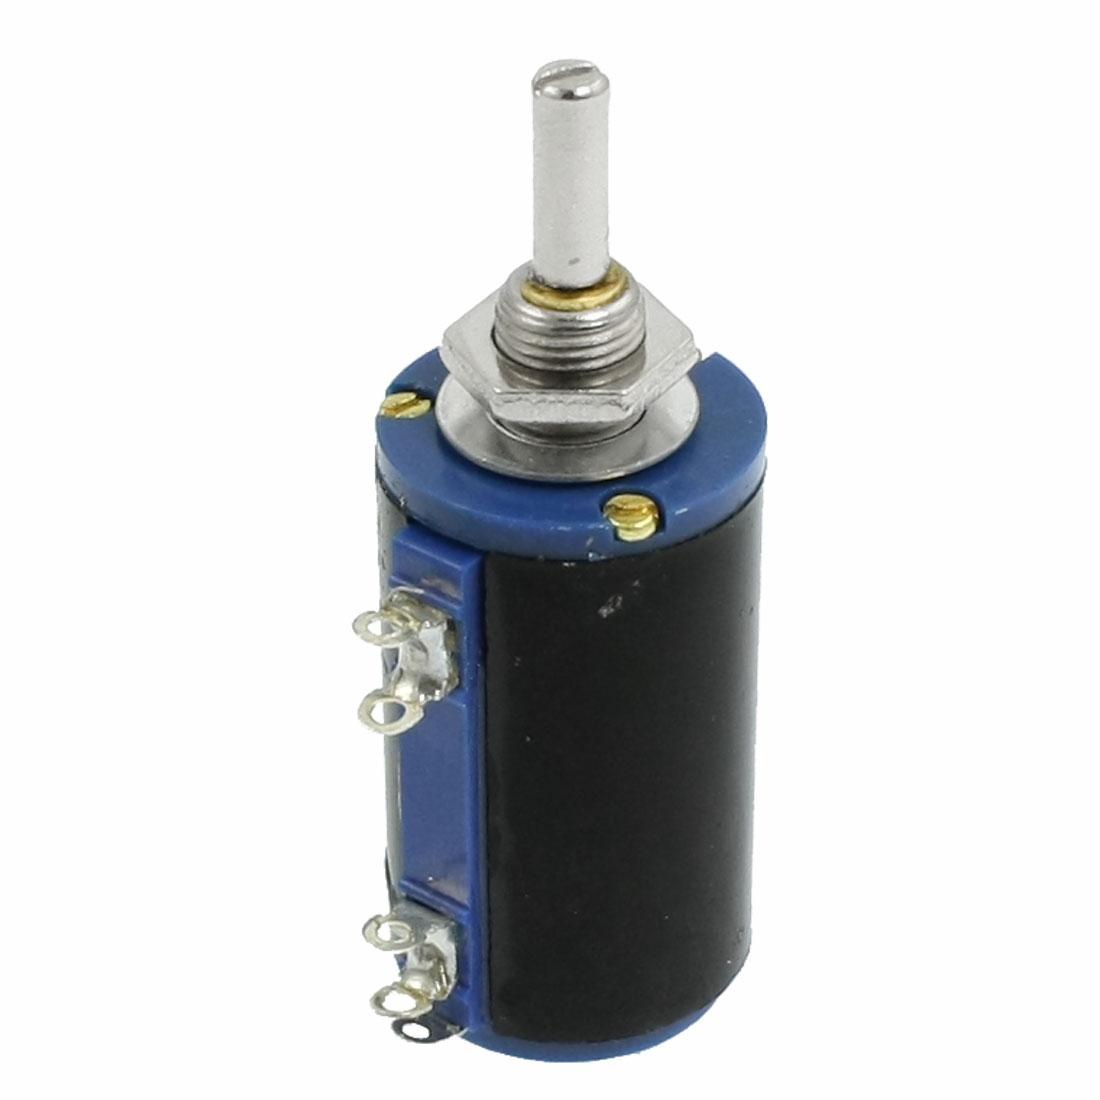 WXD3-13 4.7K Ohm 2W Watt Rotary Wirewound Multiturn Potentiometer